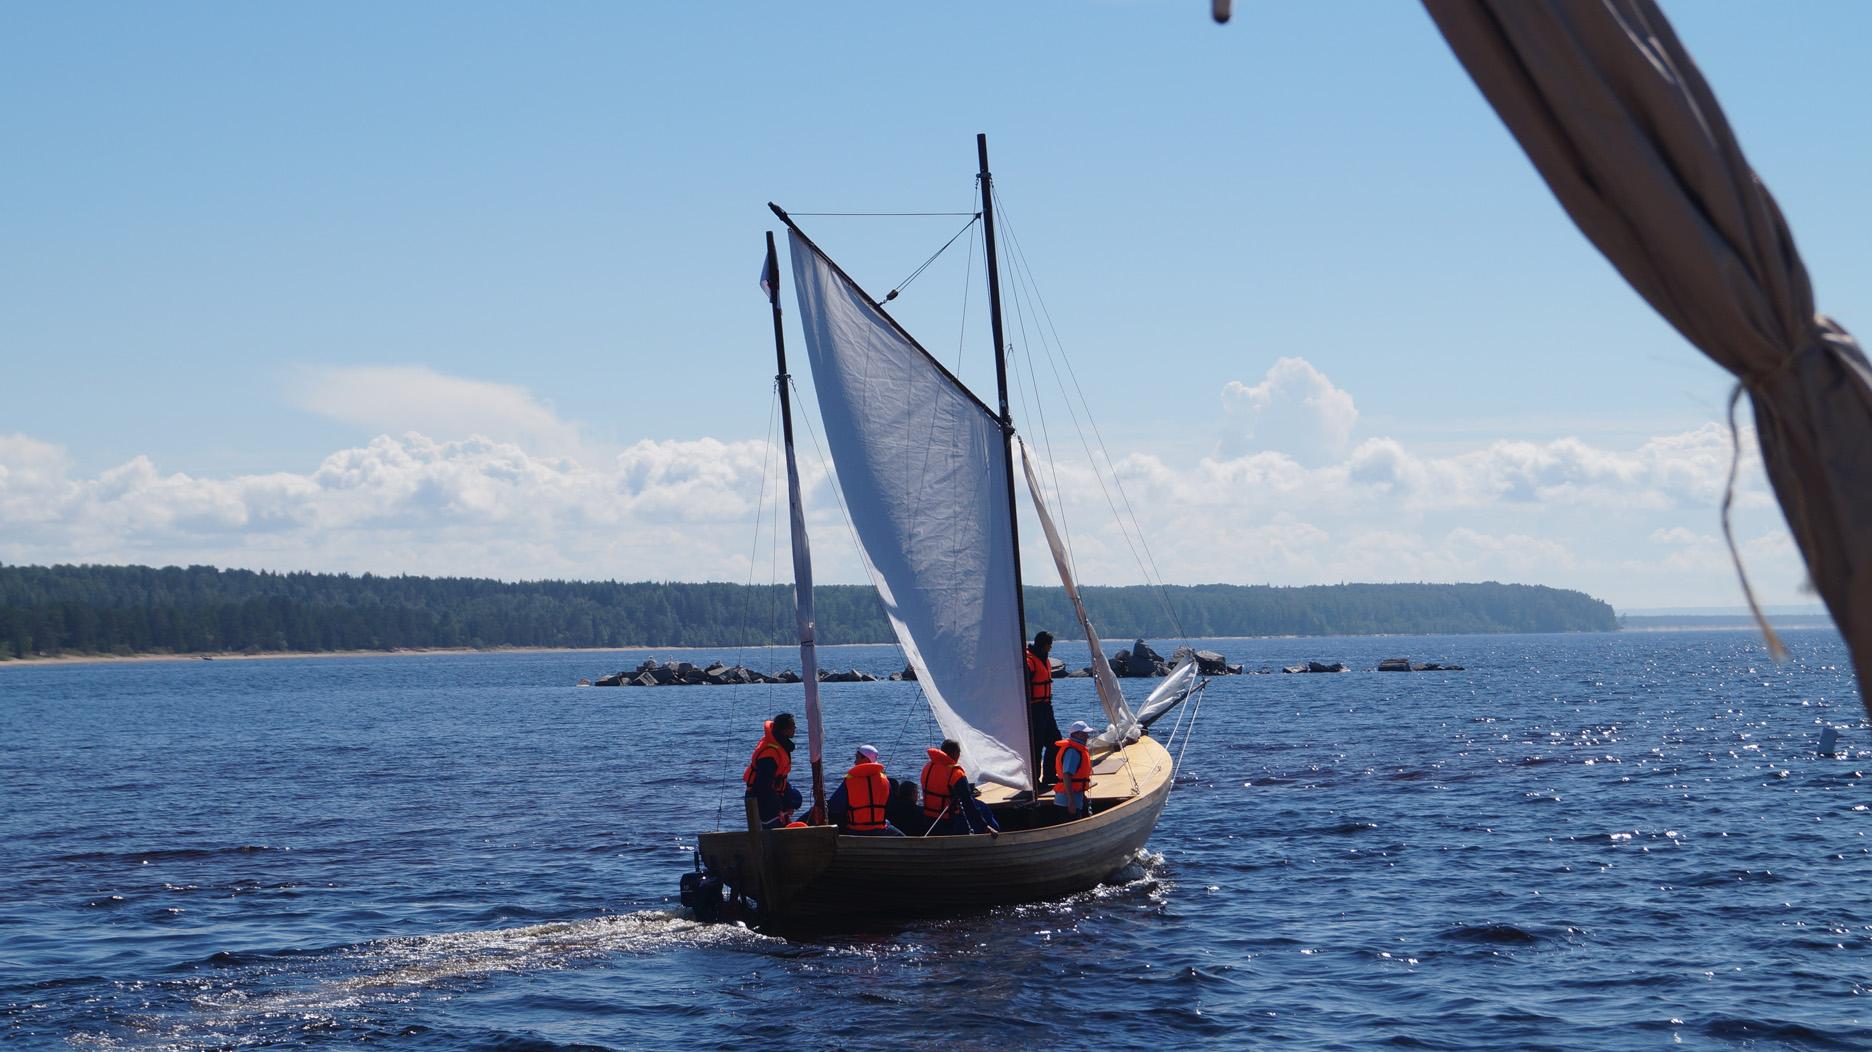 Валентина Матвиенко и Владимир Пучков прокатились на лодке, сделанной детьми